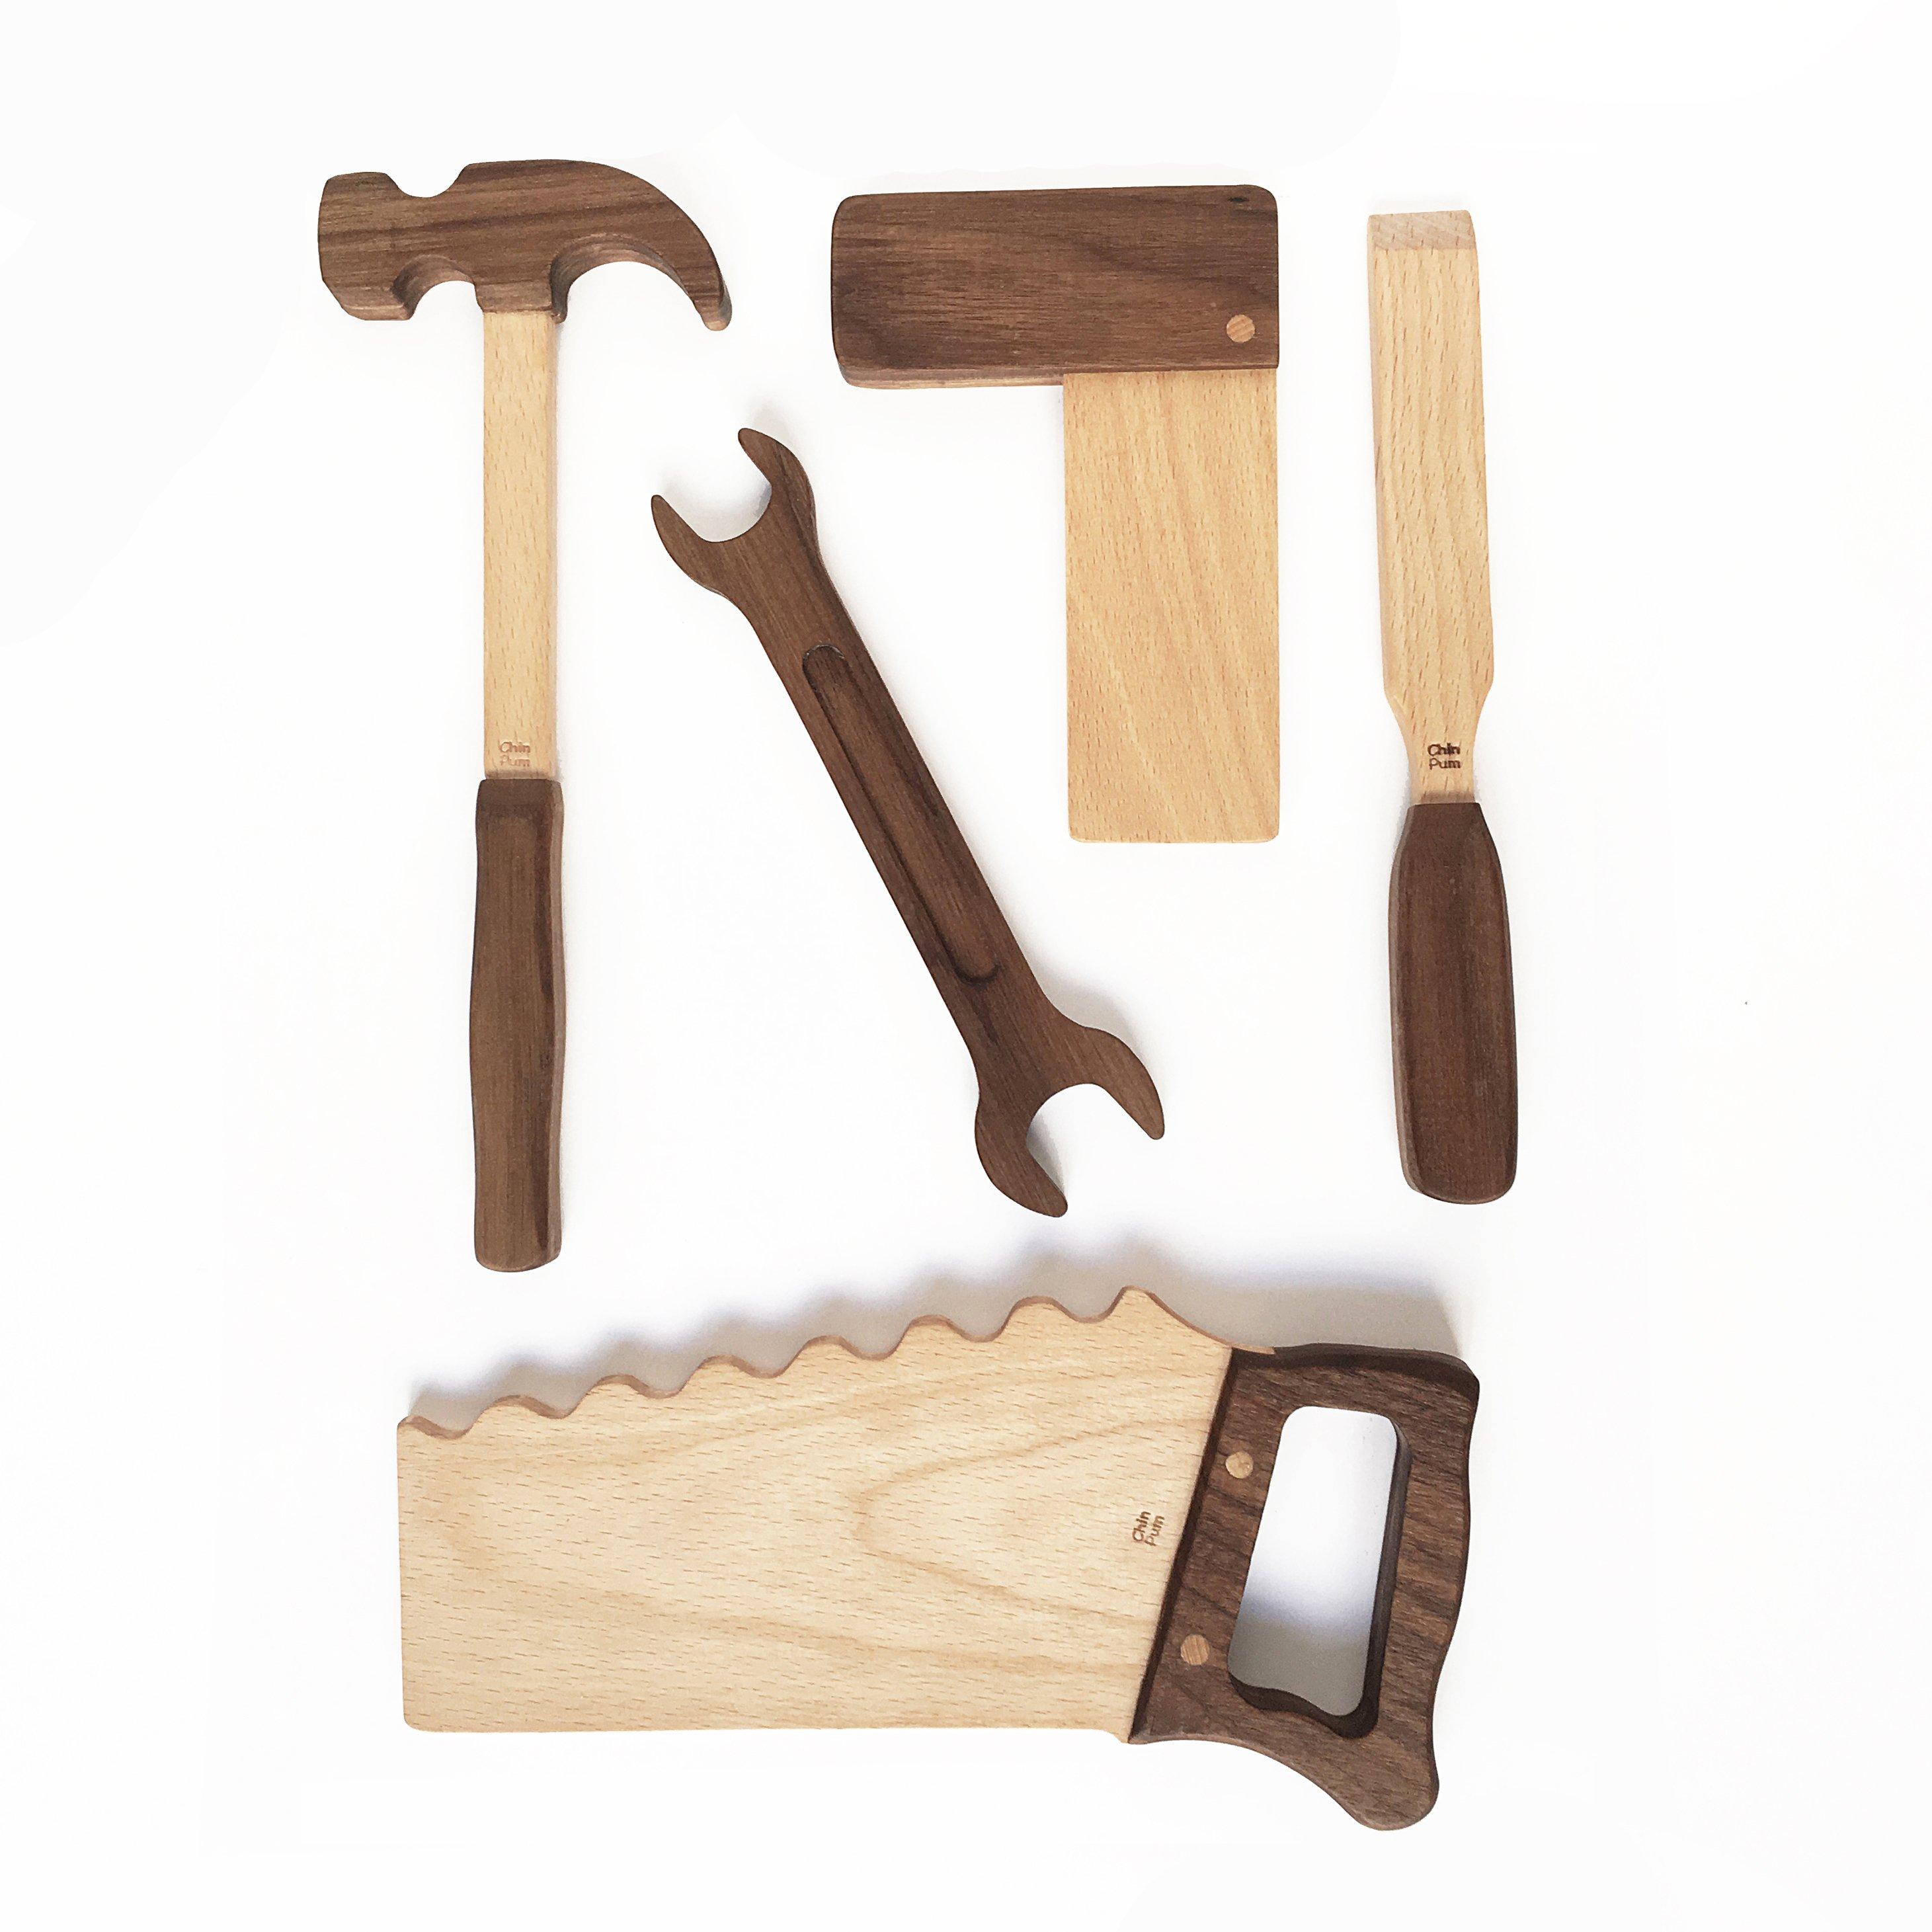 Herramientas de carpinter a - Herramientas de madera ...